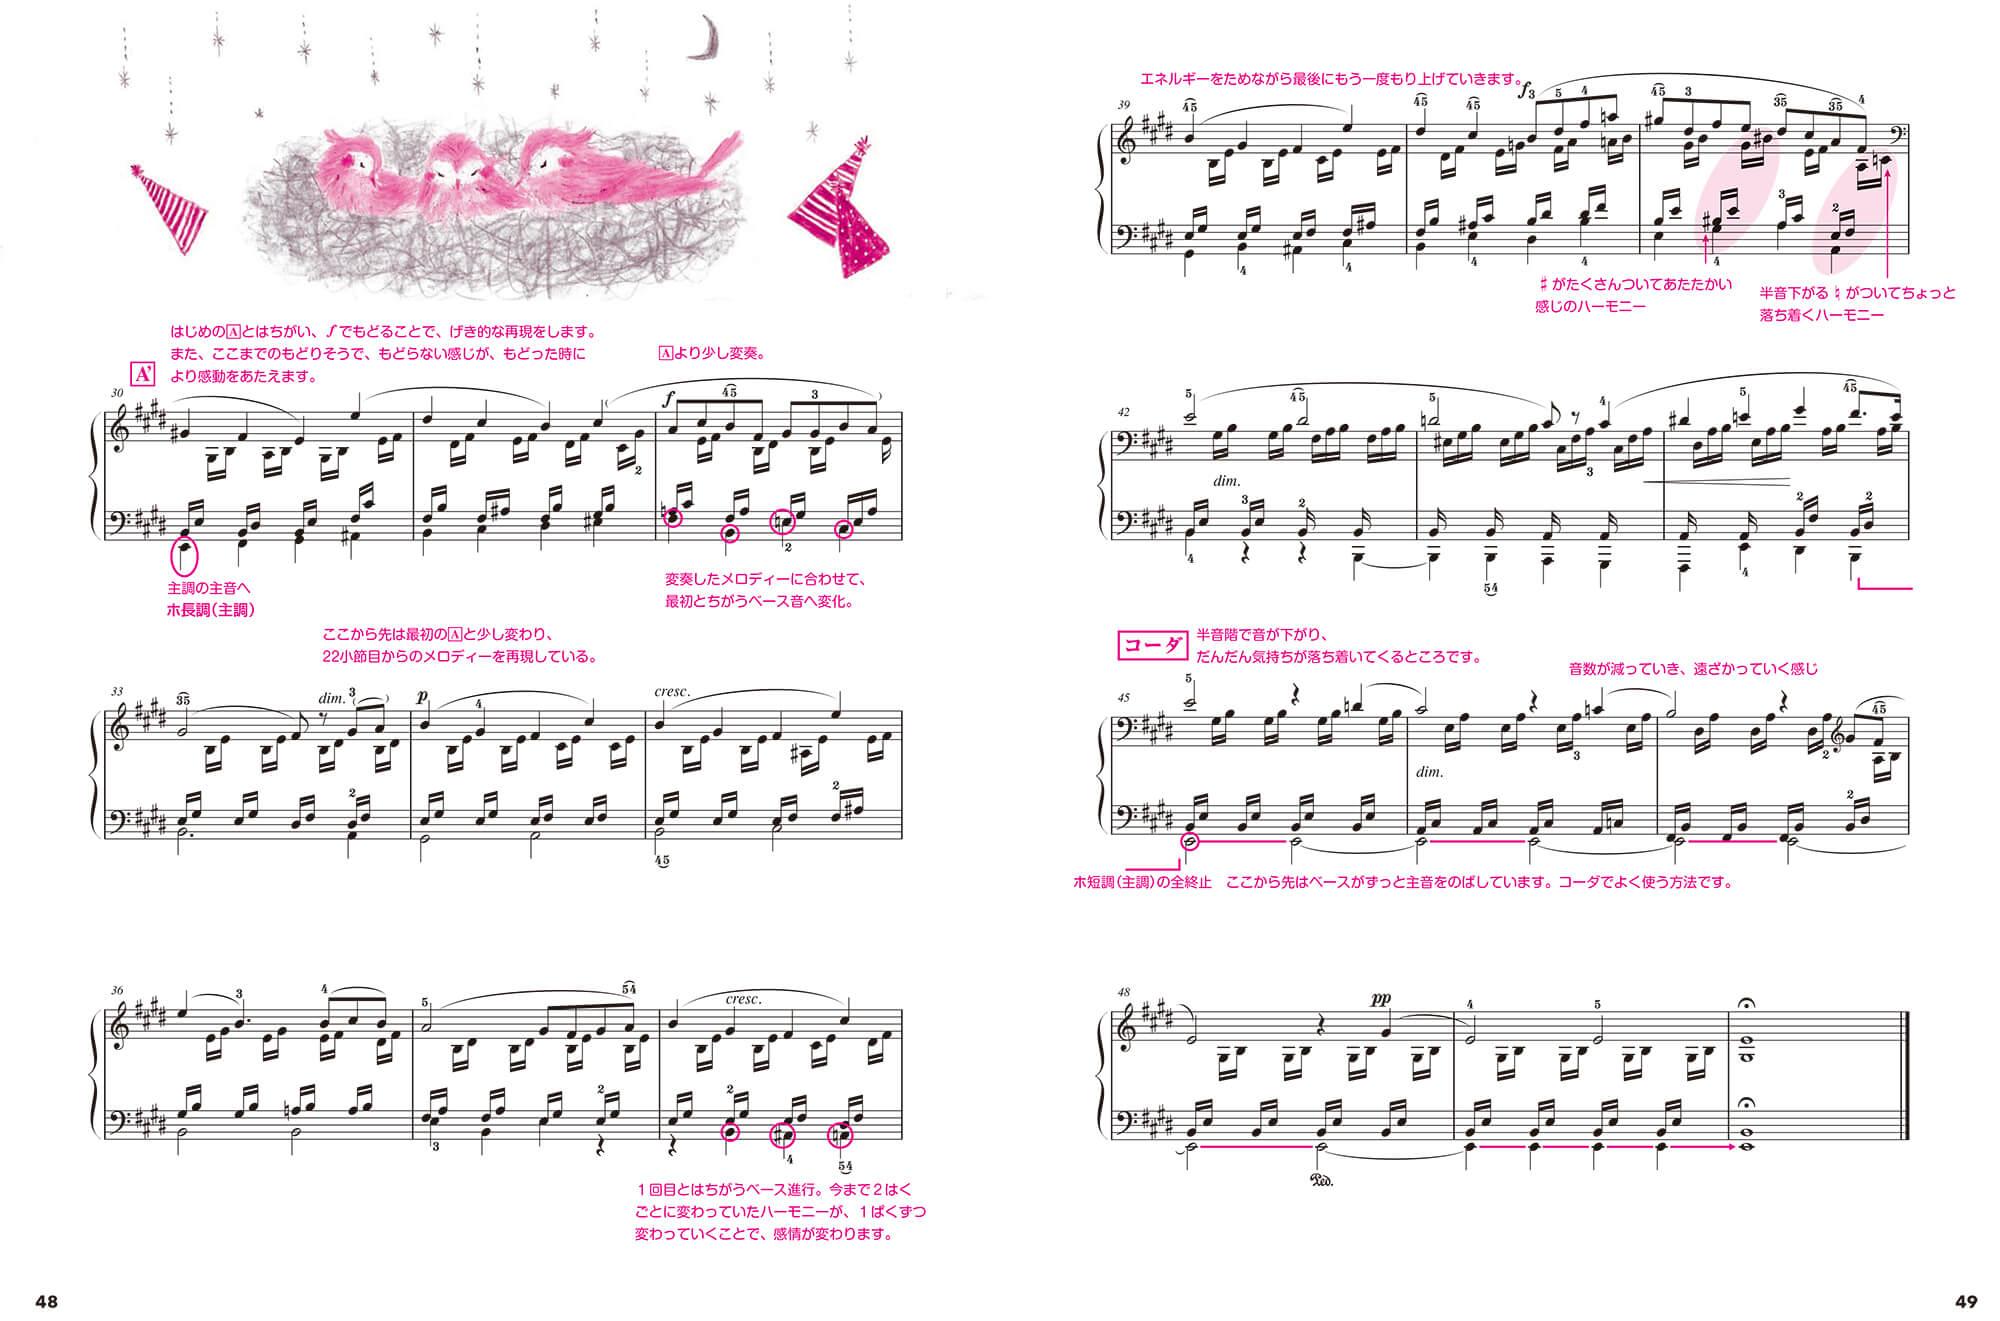 ヤマハ音楽教室楽譜 挿絵「寝ている鳥たち 楽譜」